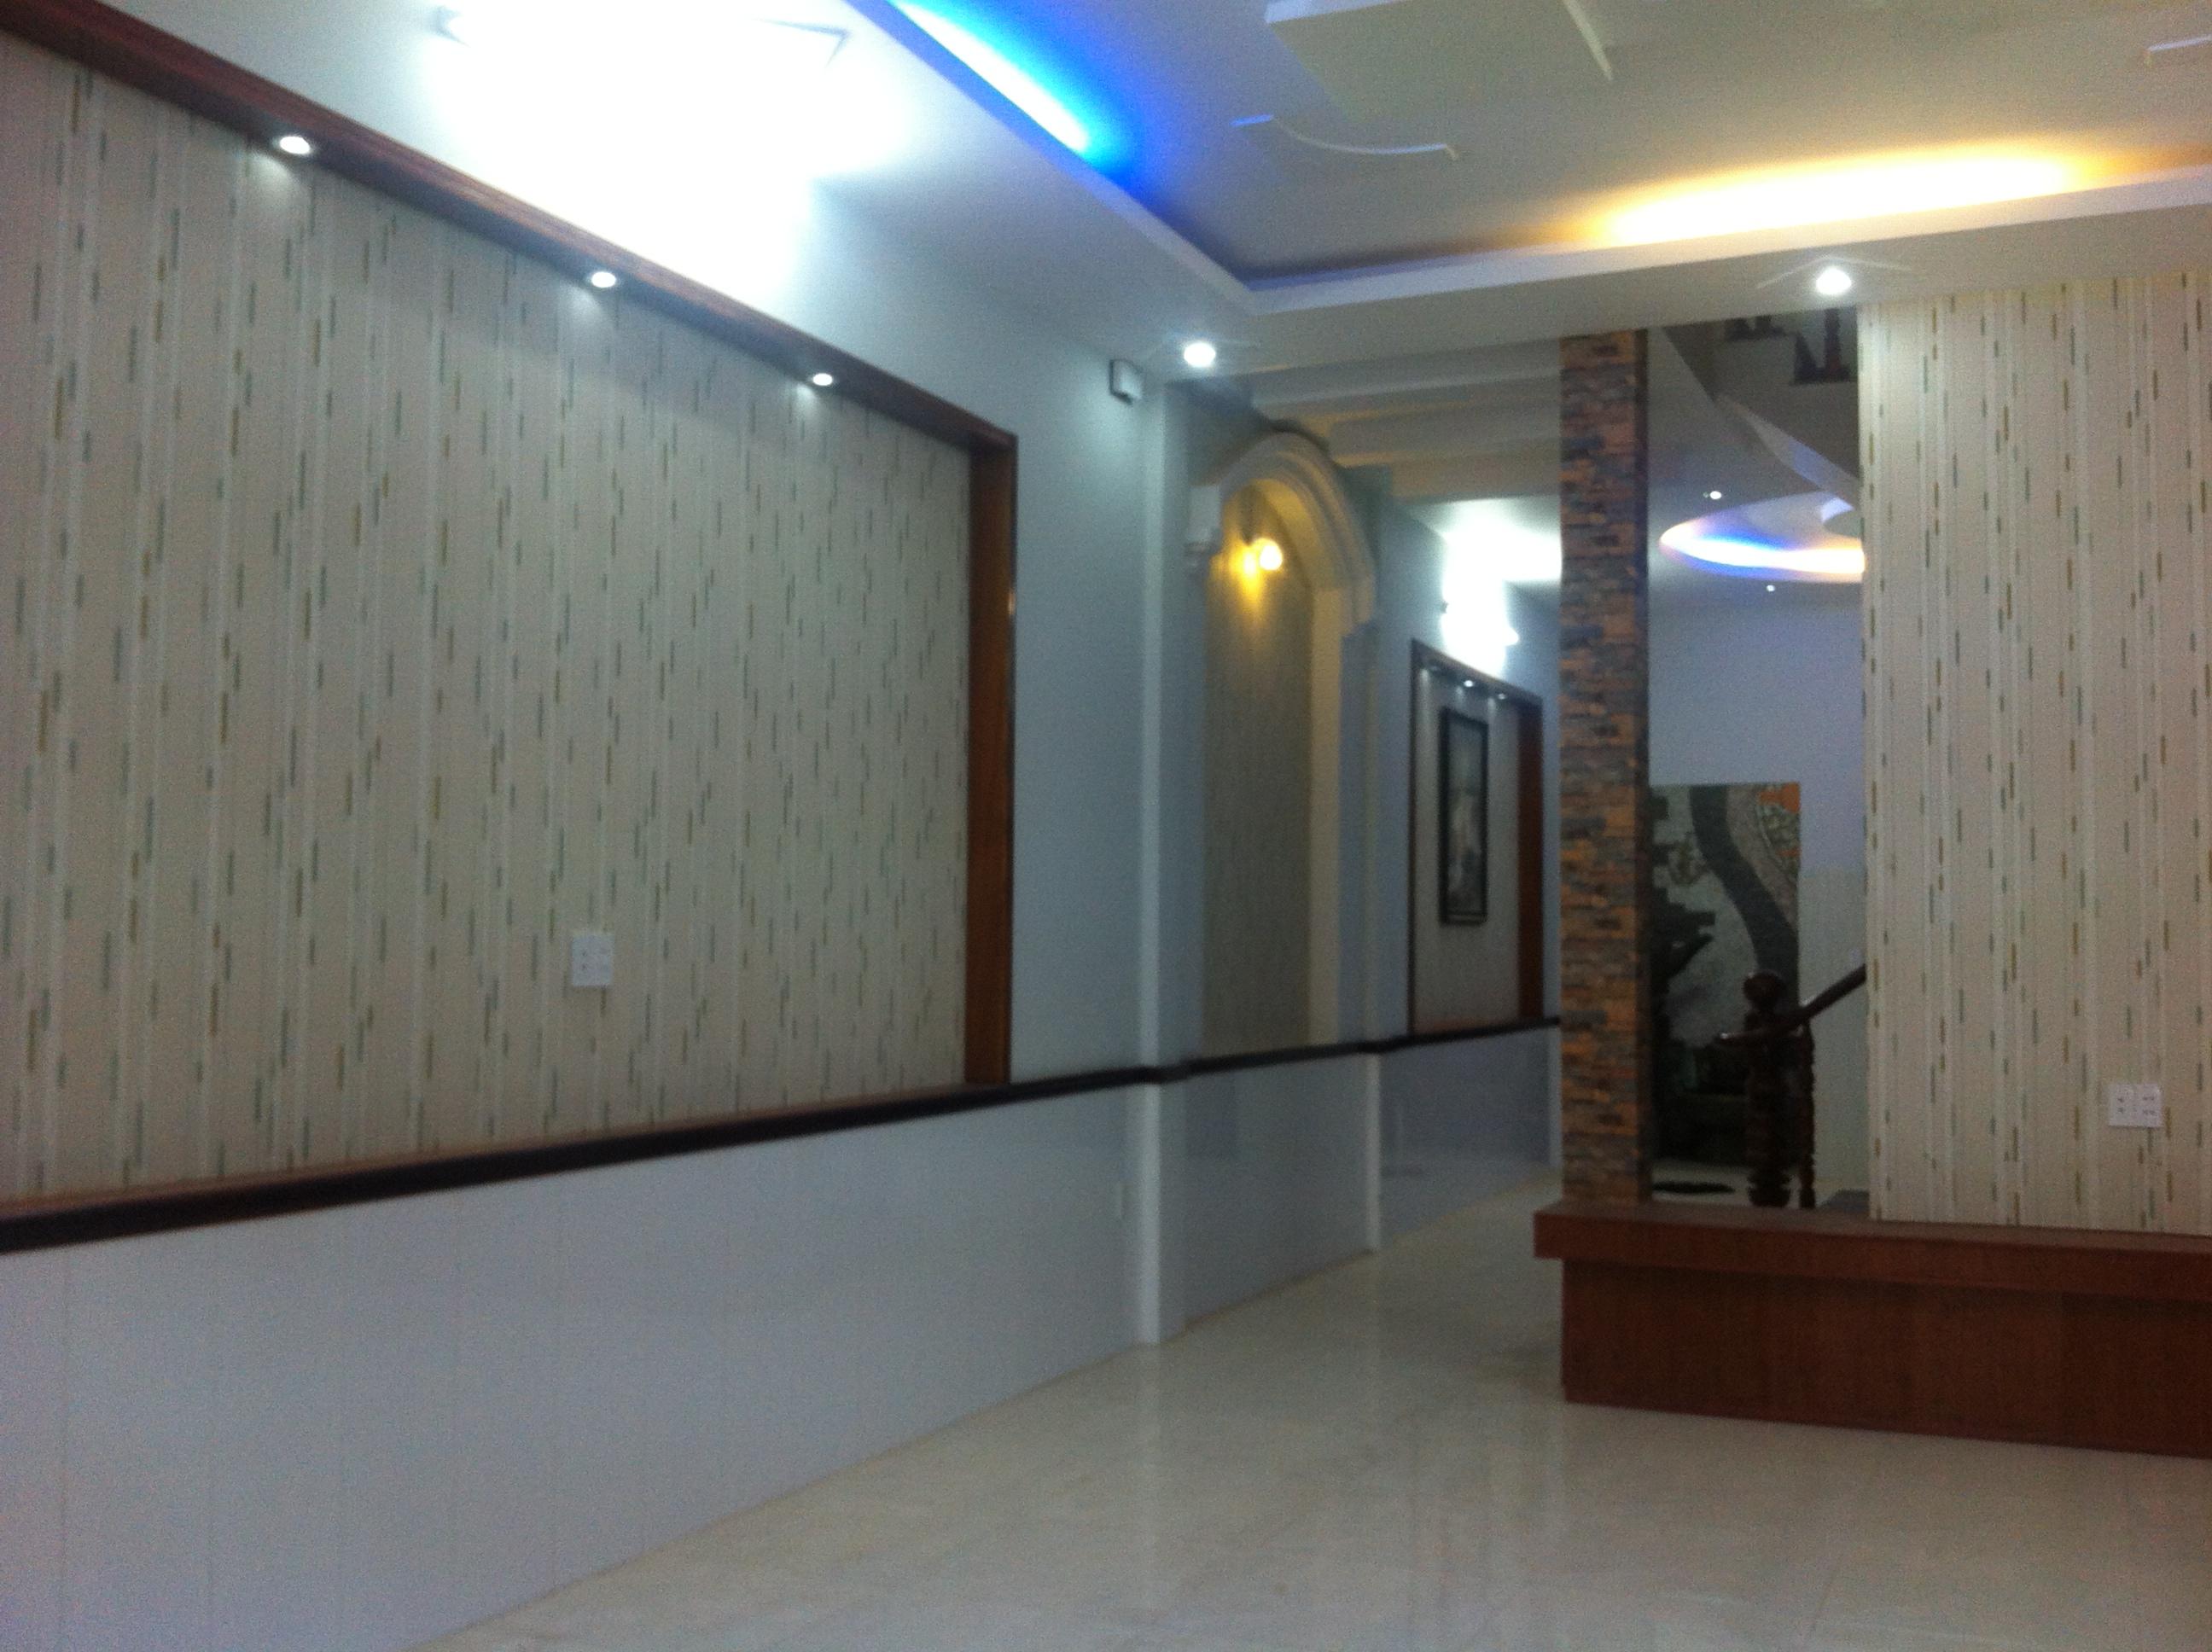 tường nhà đẹp tại trung tâm hành chính dĩ an, gần thủ đức